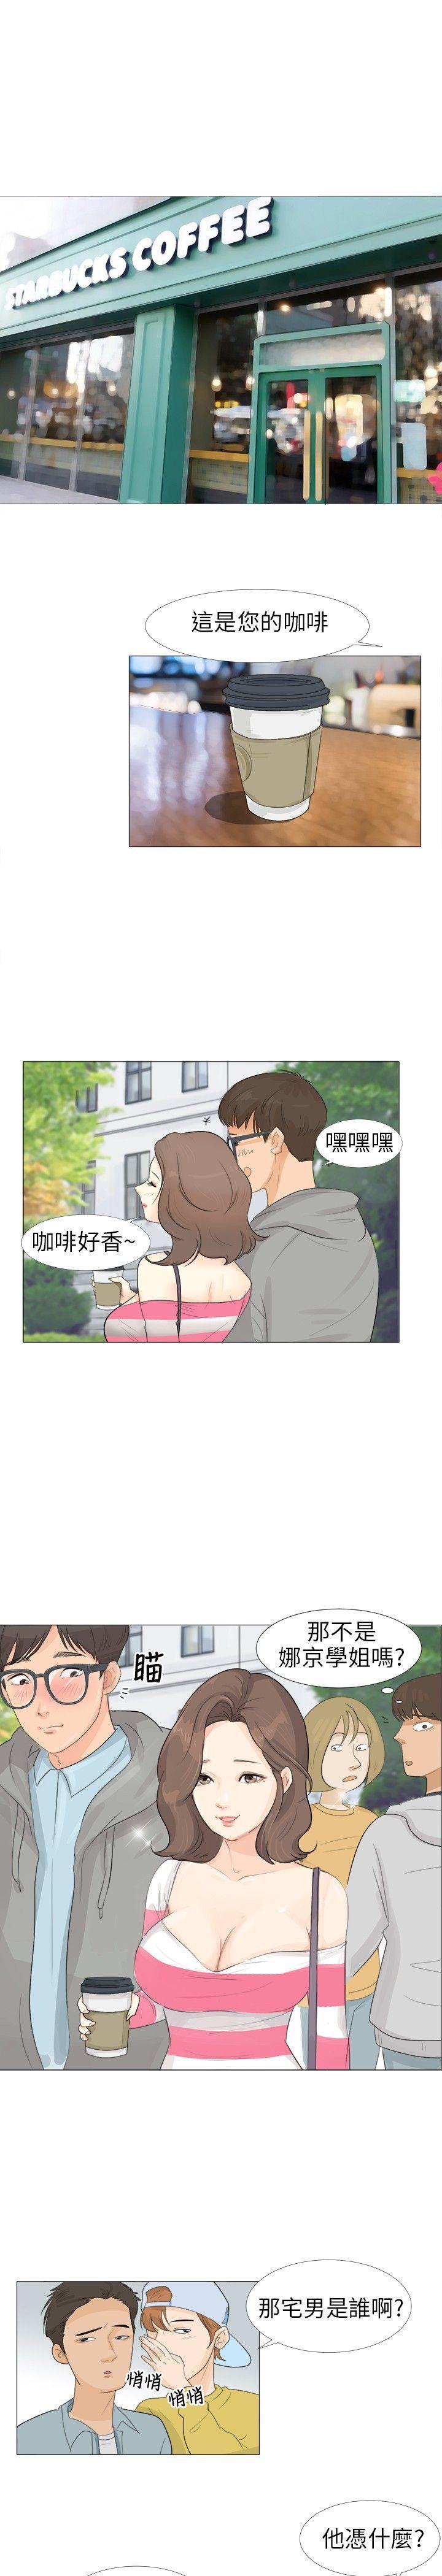 小褲褲精靈-Preview全彩韩漫标签